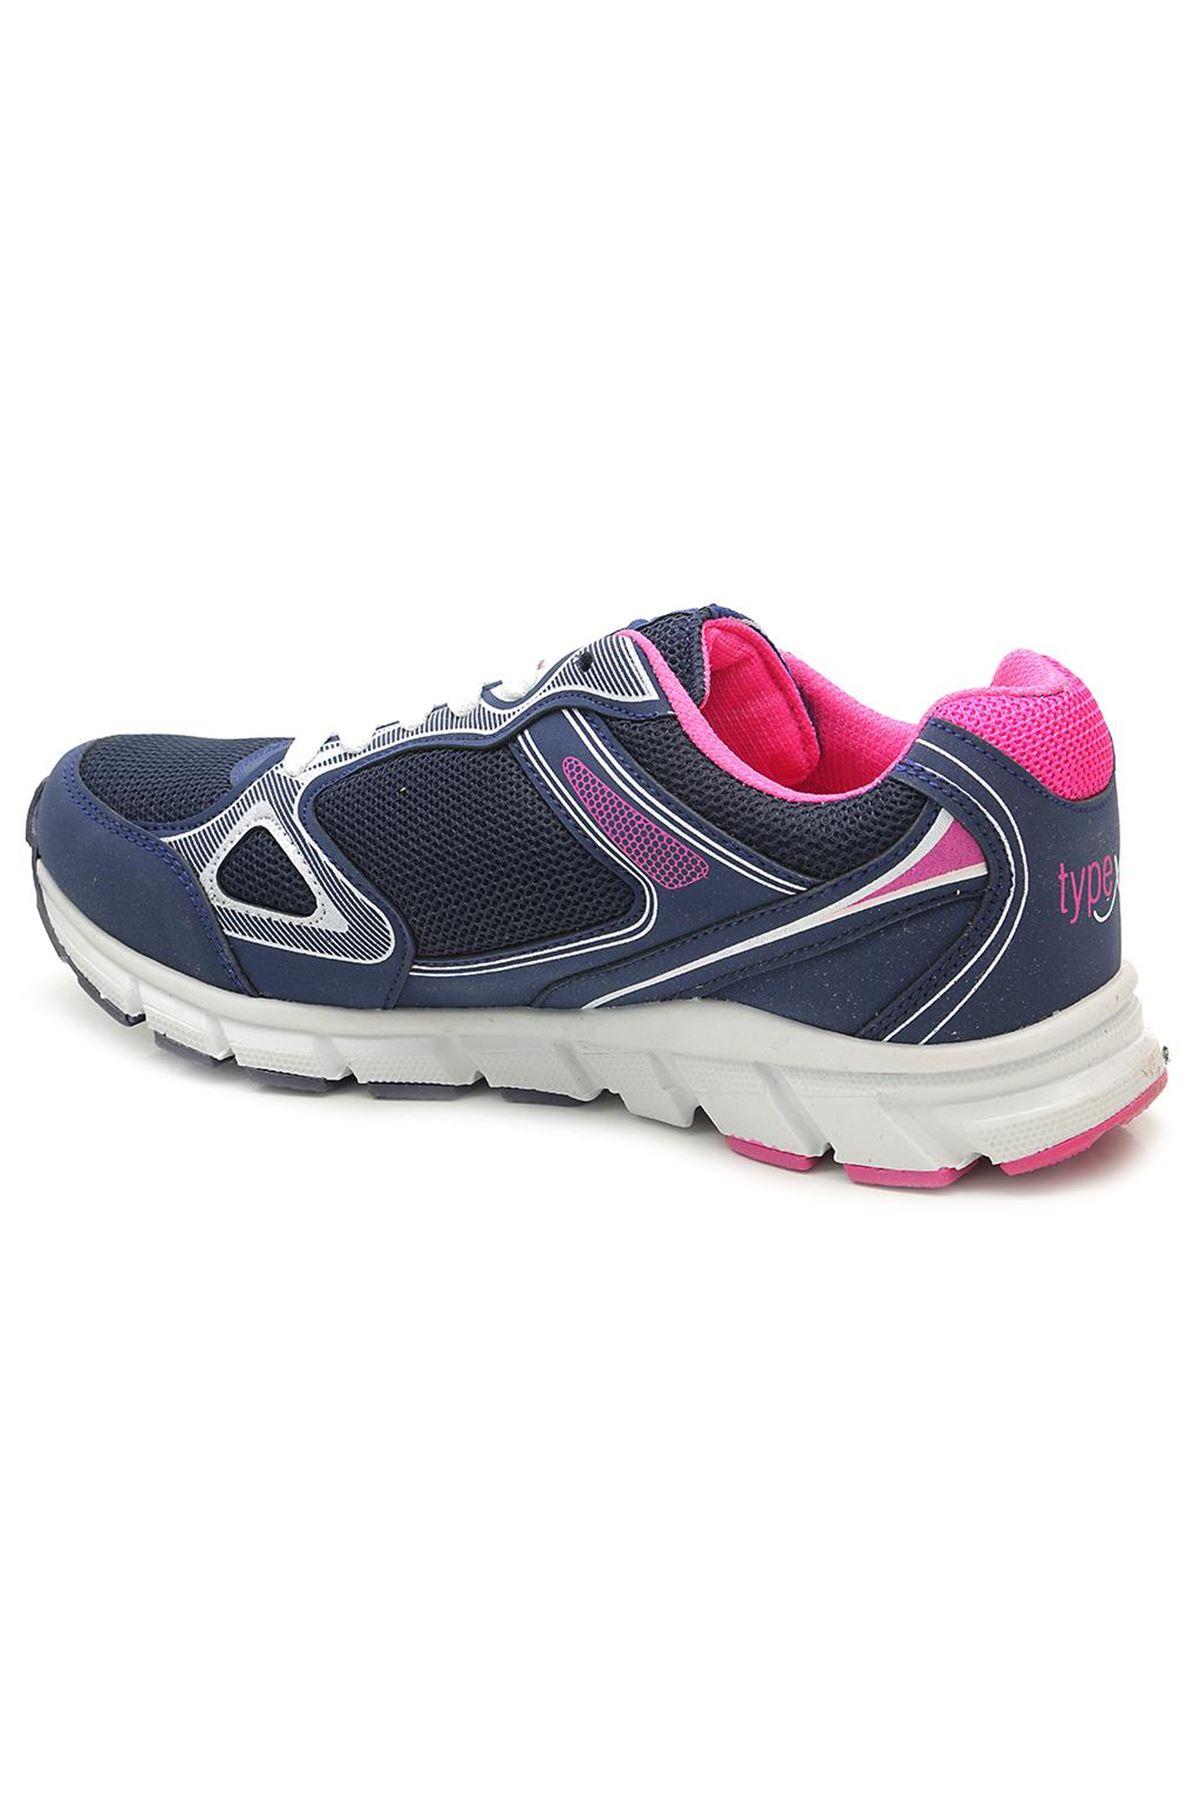 Lady W304 Taşlı Yazlık Günlük Kadın Spor Ayakkabı